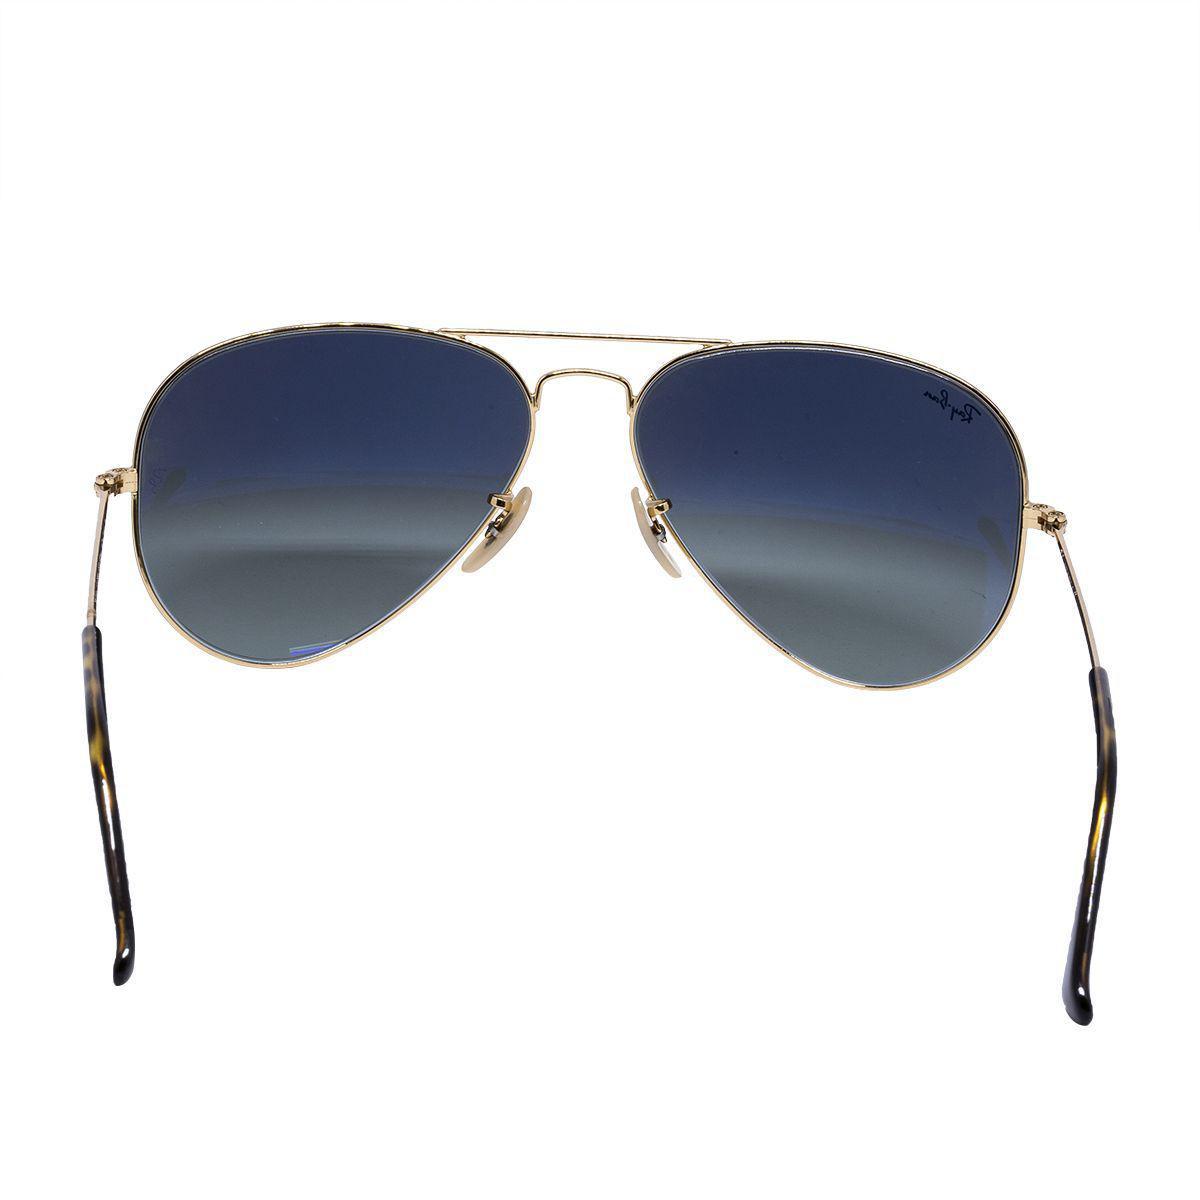 97ad33cc91900 Óculos de Sol Ray Ban aviador RB3025 - metal dourado